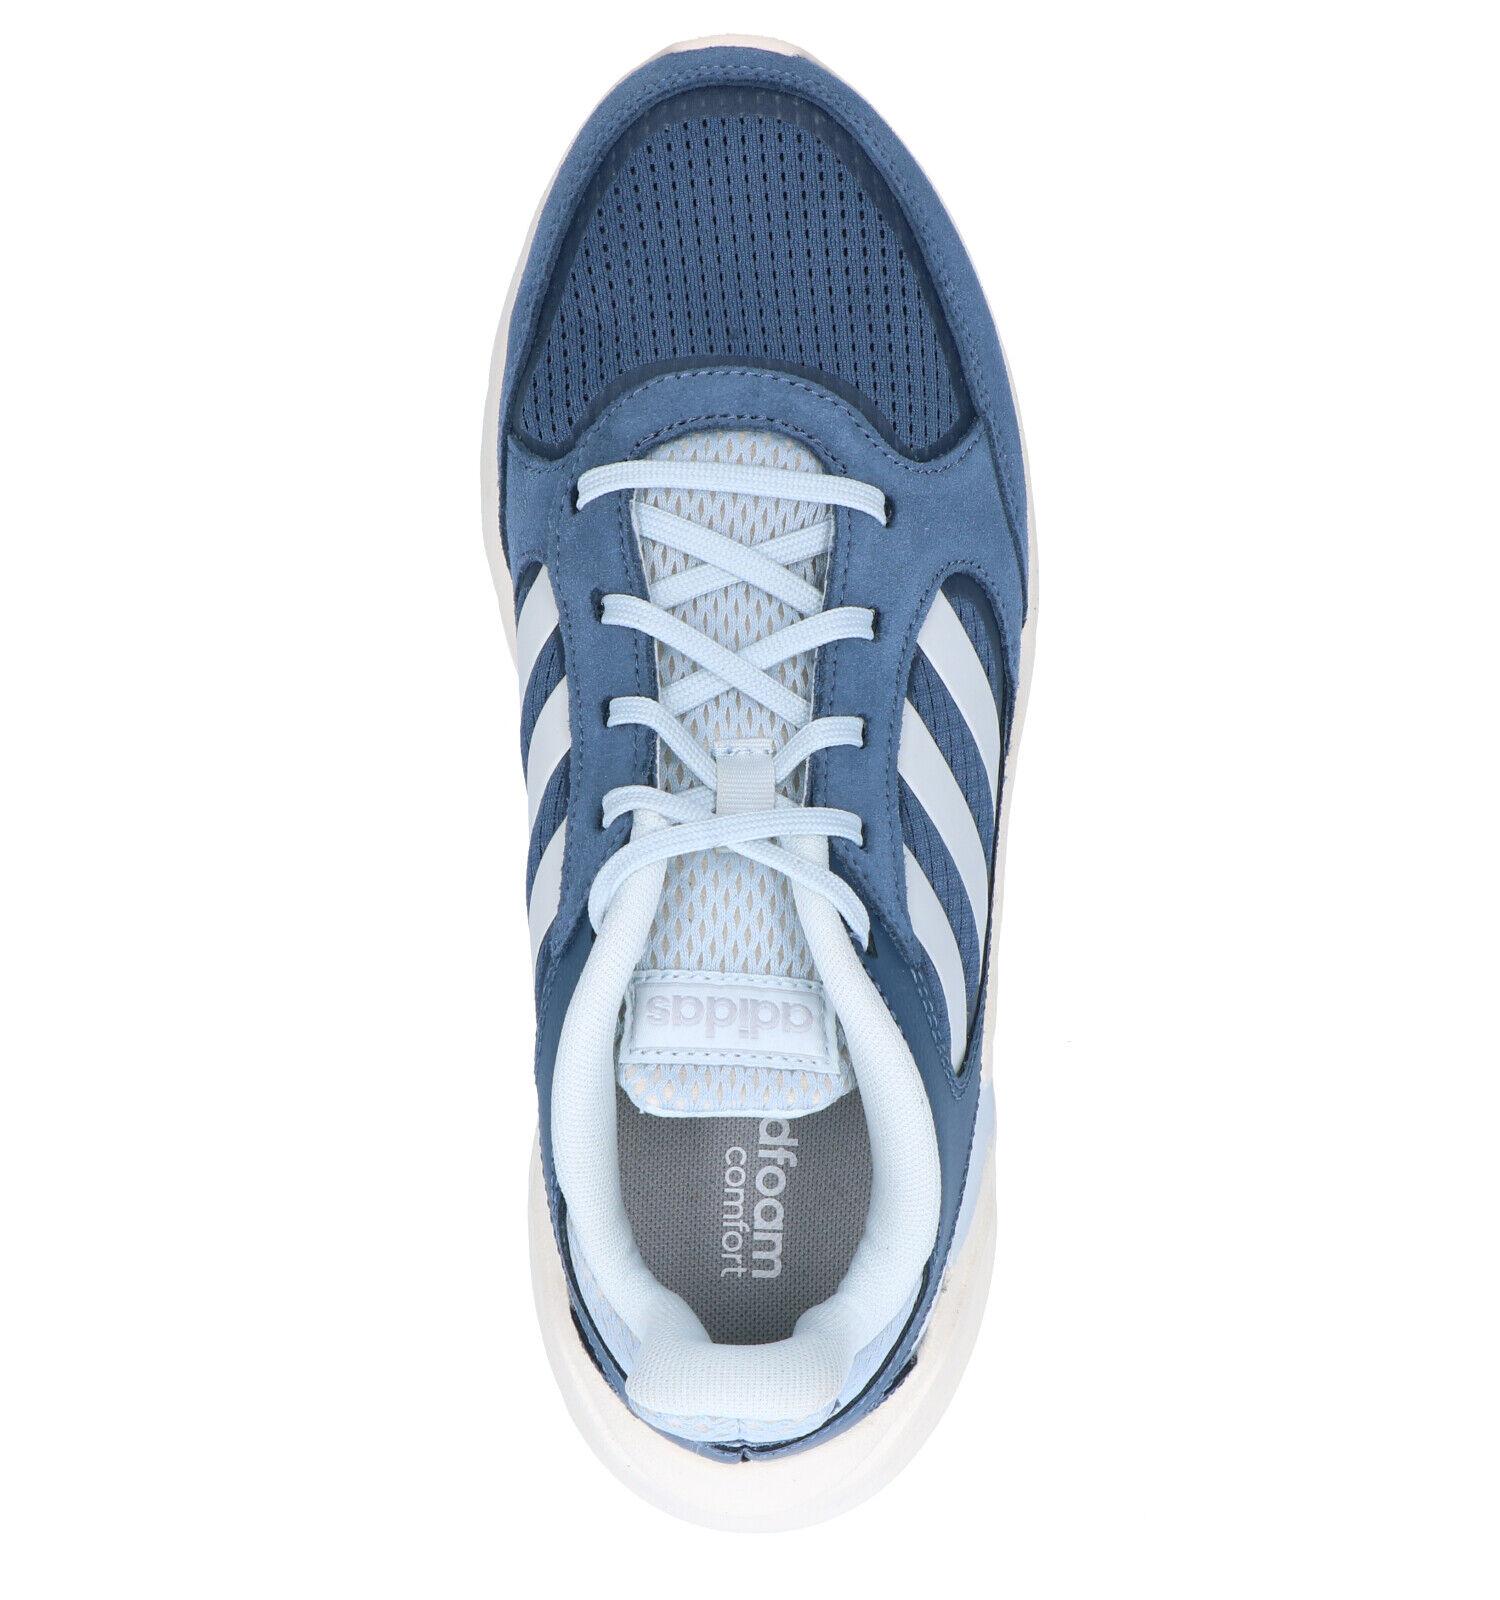 adidas 90S Valasion Blauwe Sneakers